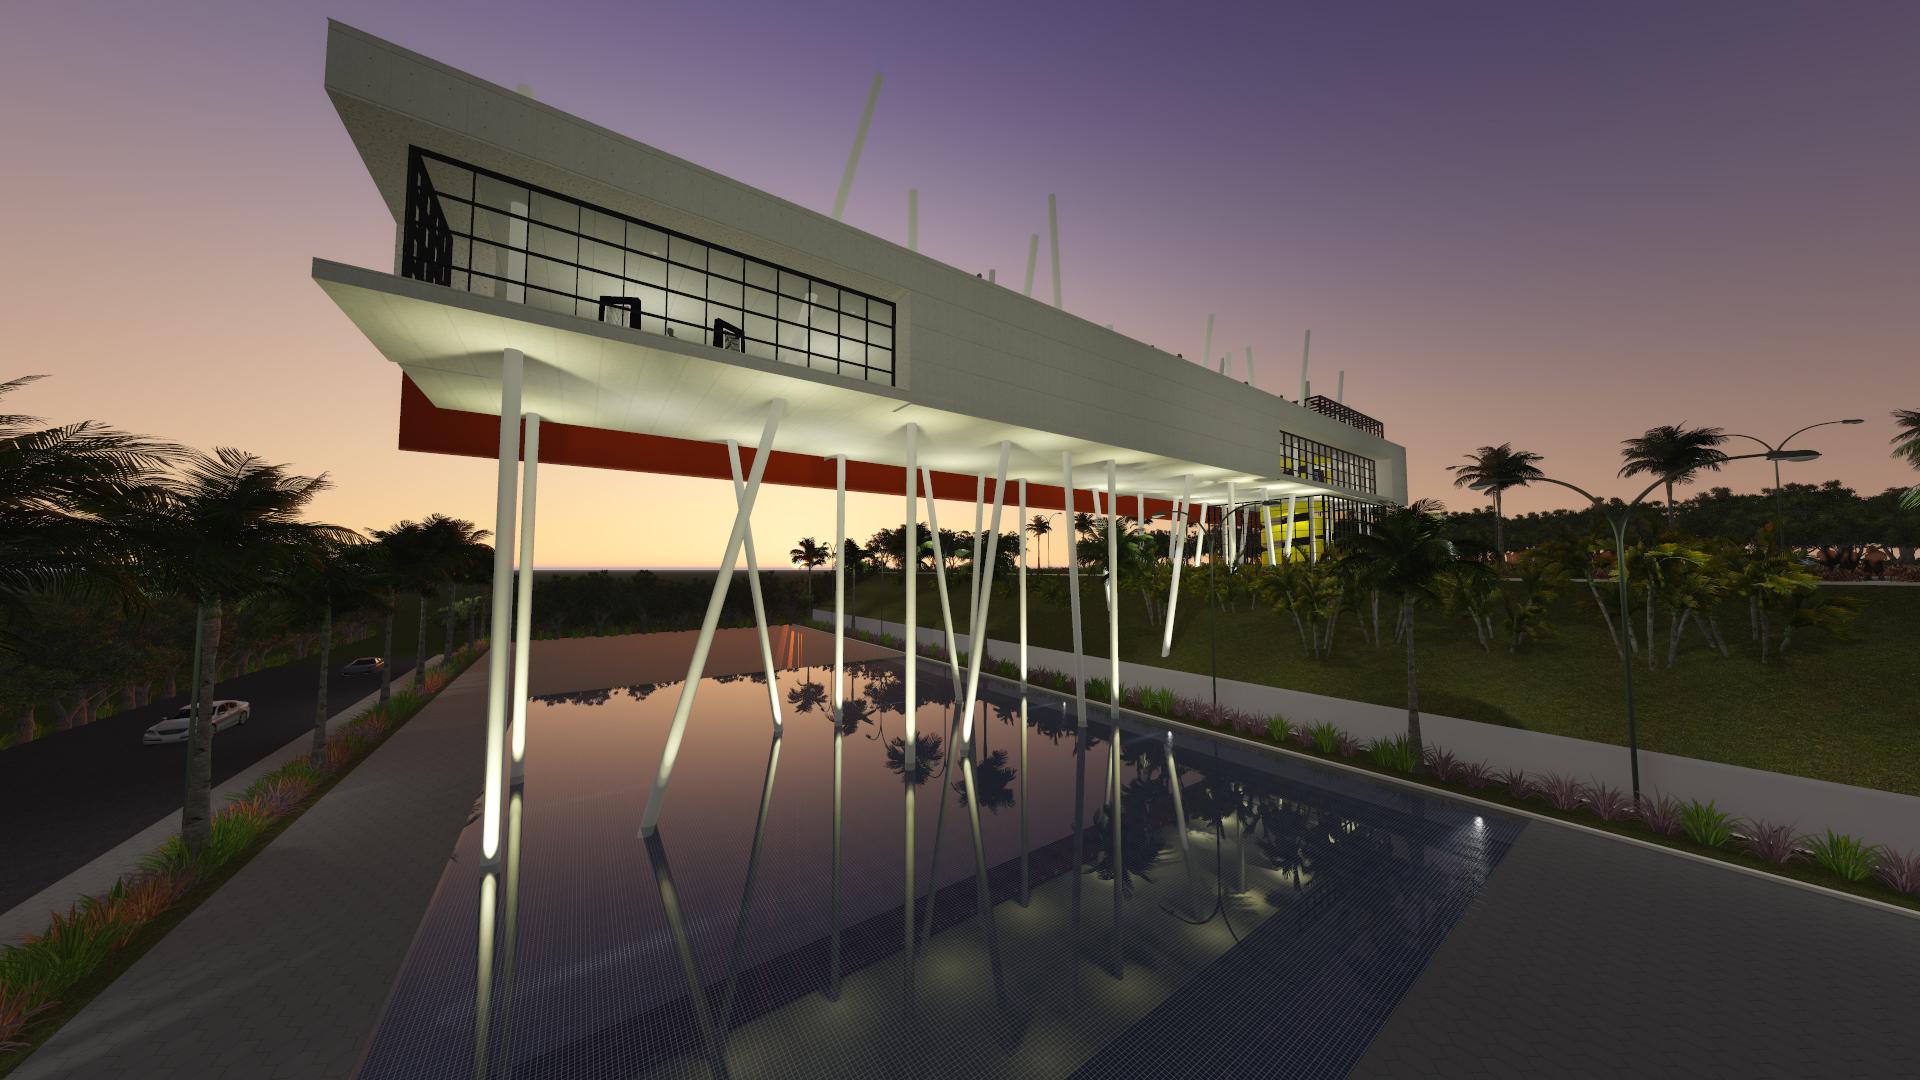 projeto-arquitetonico-museumacaiba-duo-arquitetura-017.jpg